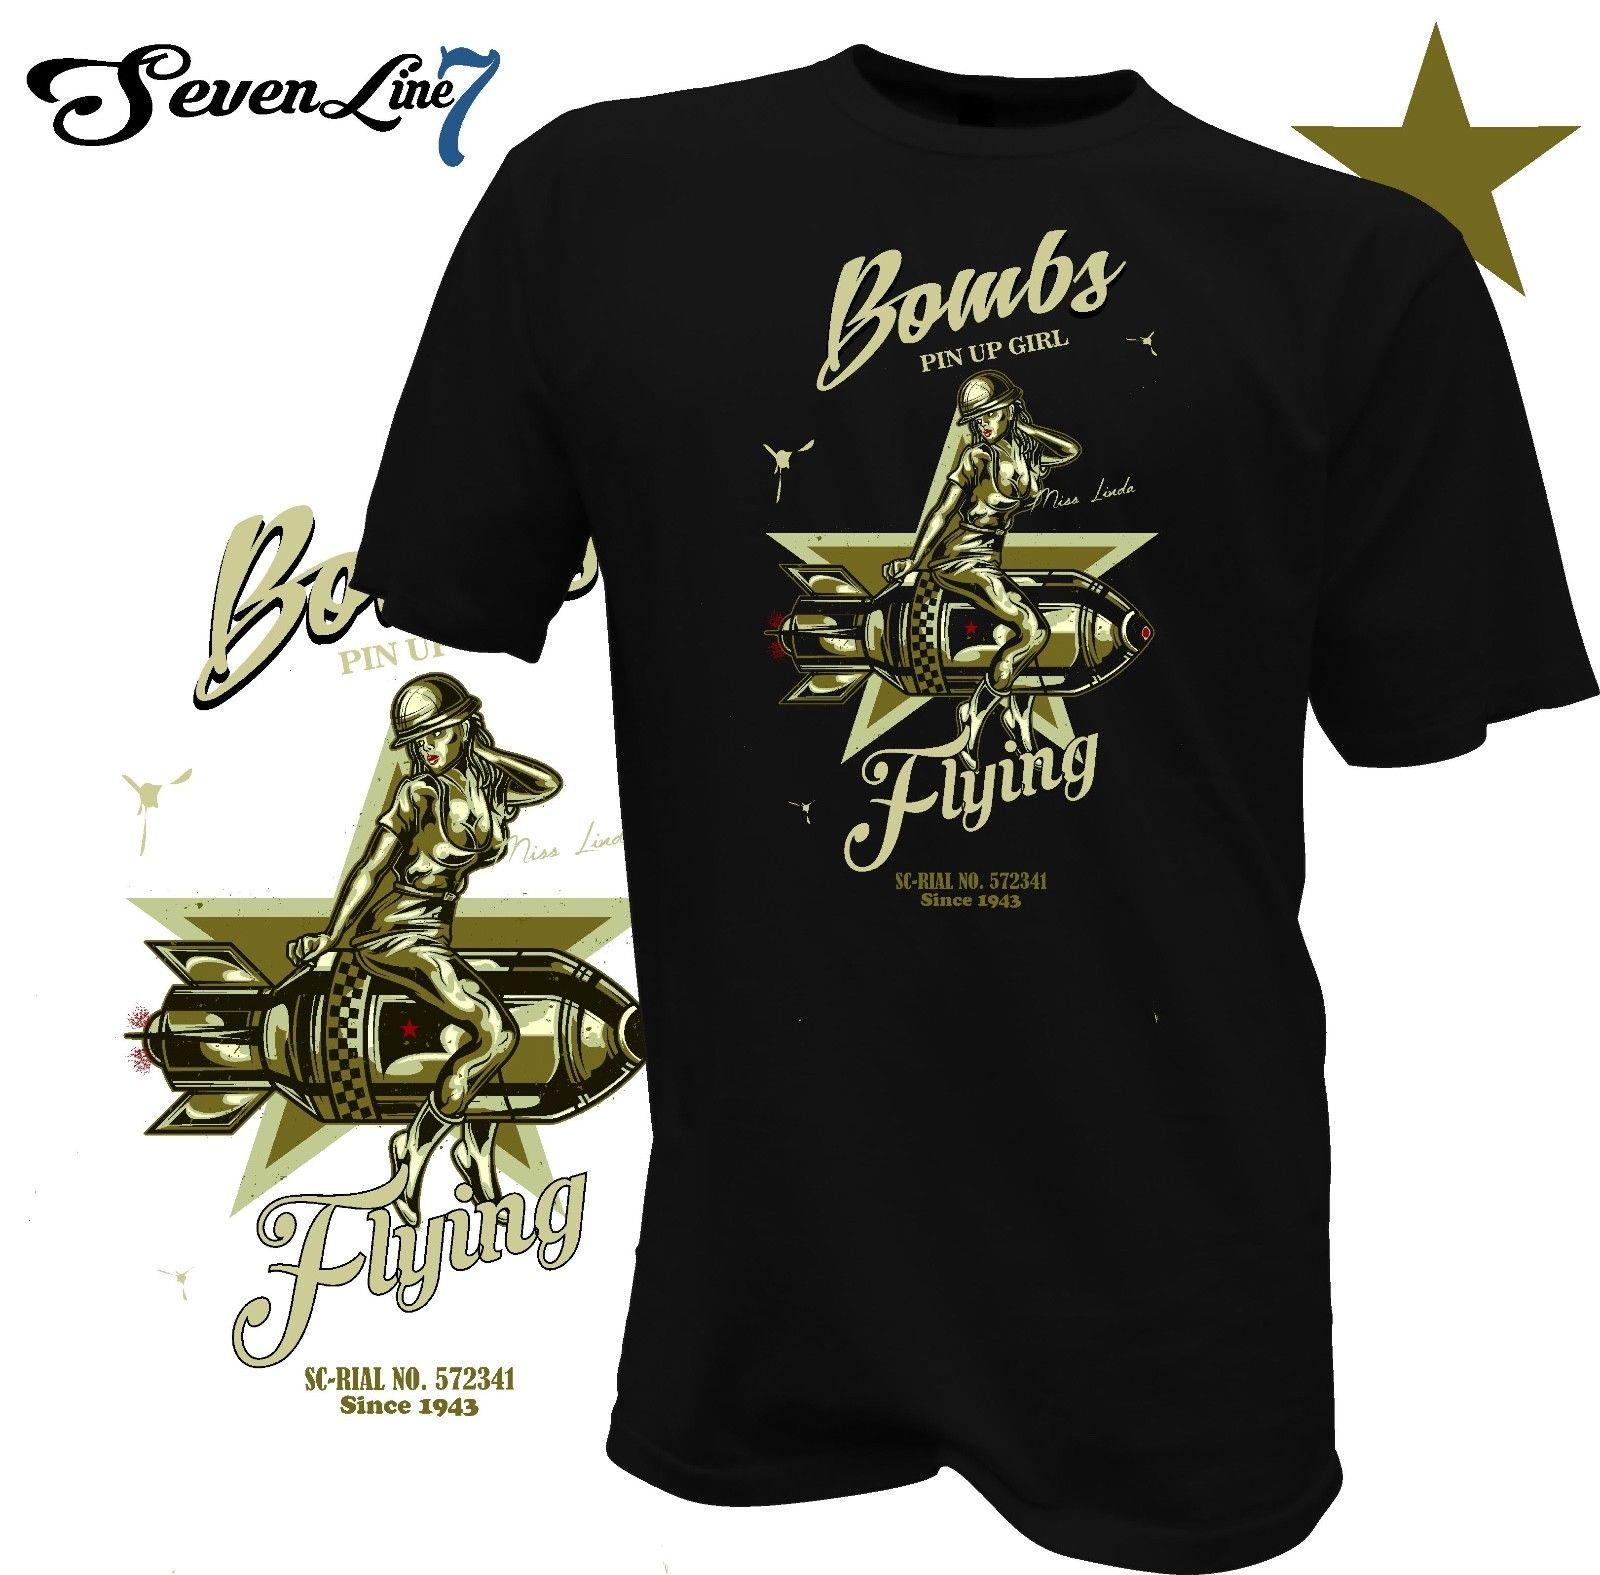 2019 verão Tee Cool Shirt T-Shirt Pin Up Bomba Flieger Flugzeug RC Thunderbird Bombshell Flug EUA Exército T-shirt Engraçado